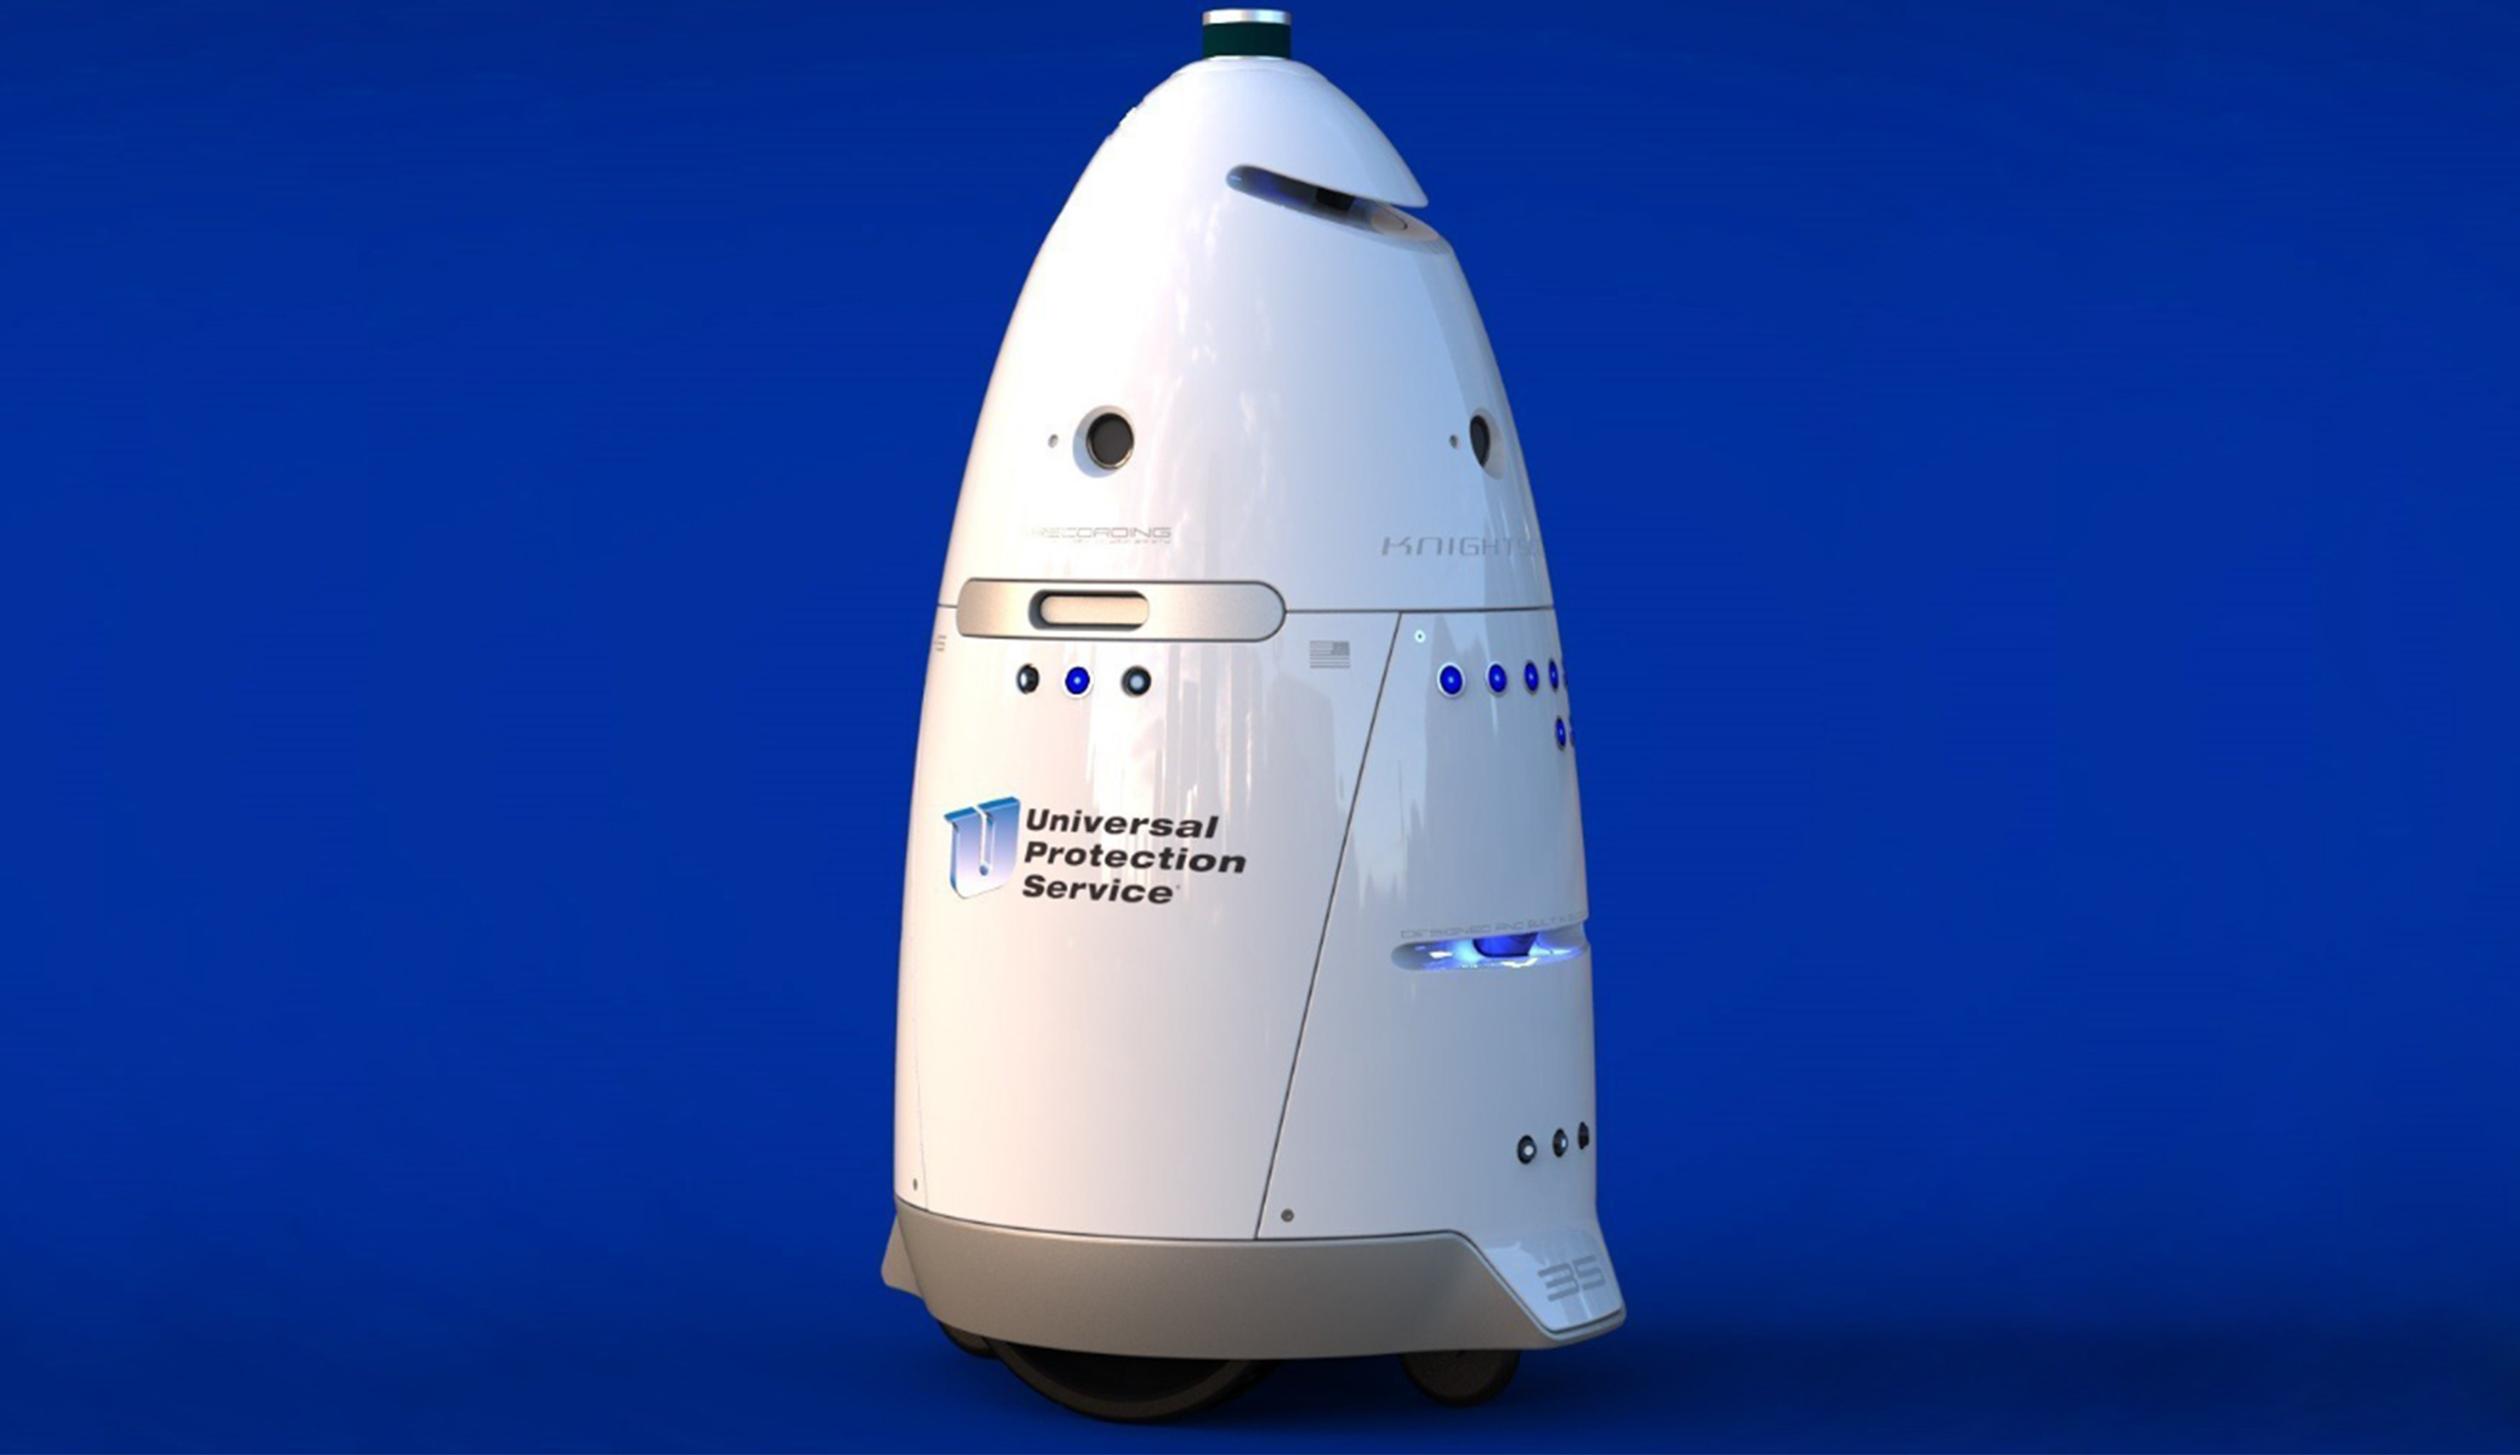 Universal Protection Service K5 autonomous robot model